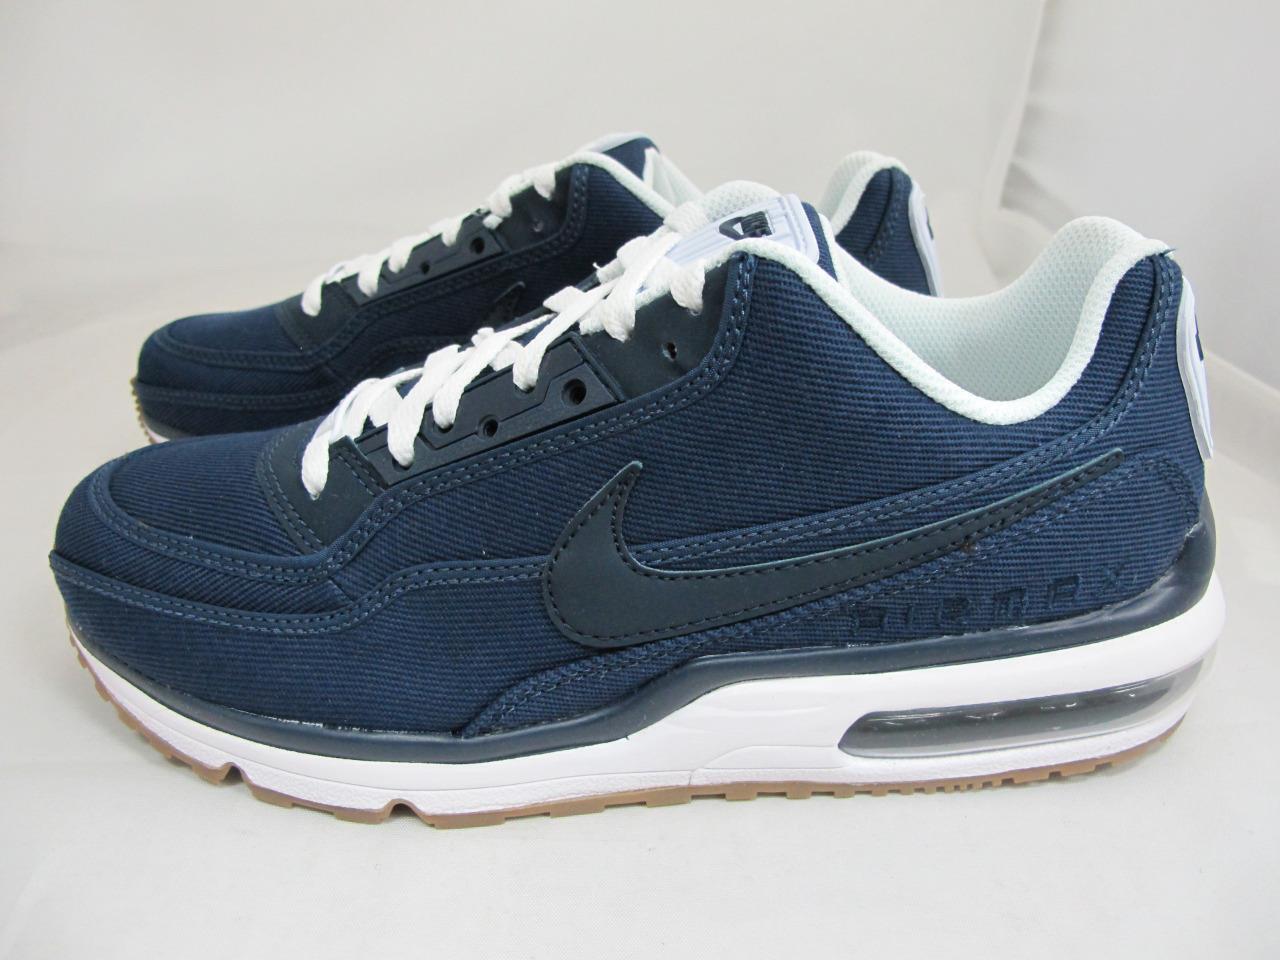 de nouveaux hommes est nike air max ltd 3 txt des 746379-412 la dernière réduction des txt chaussures pour hommes et femmes db9265